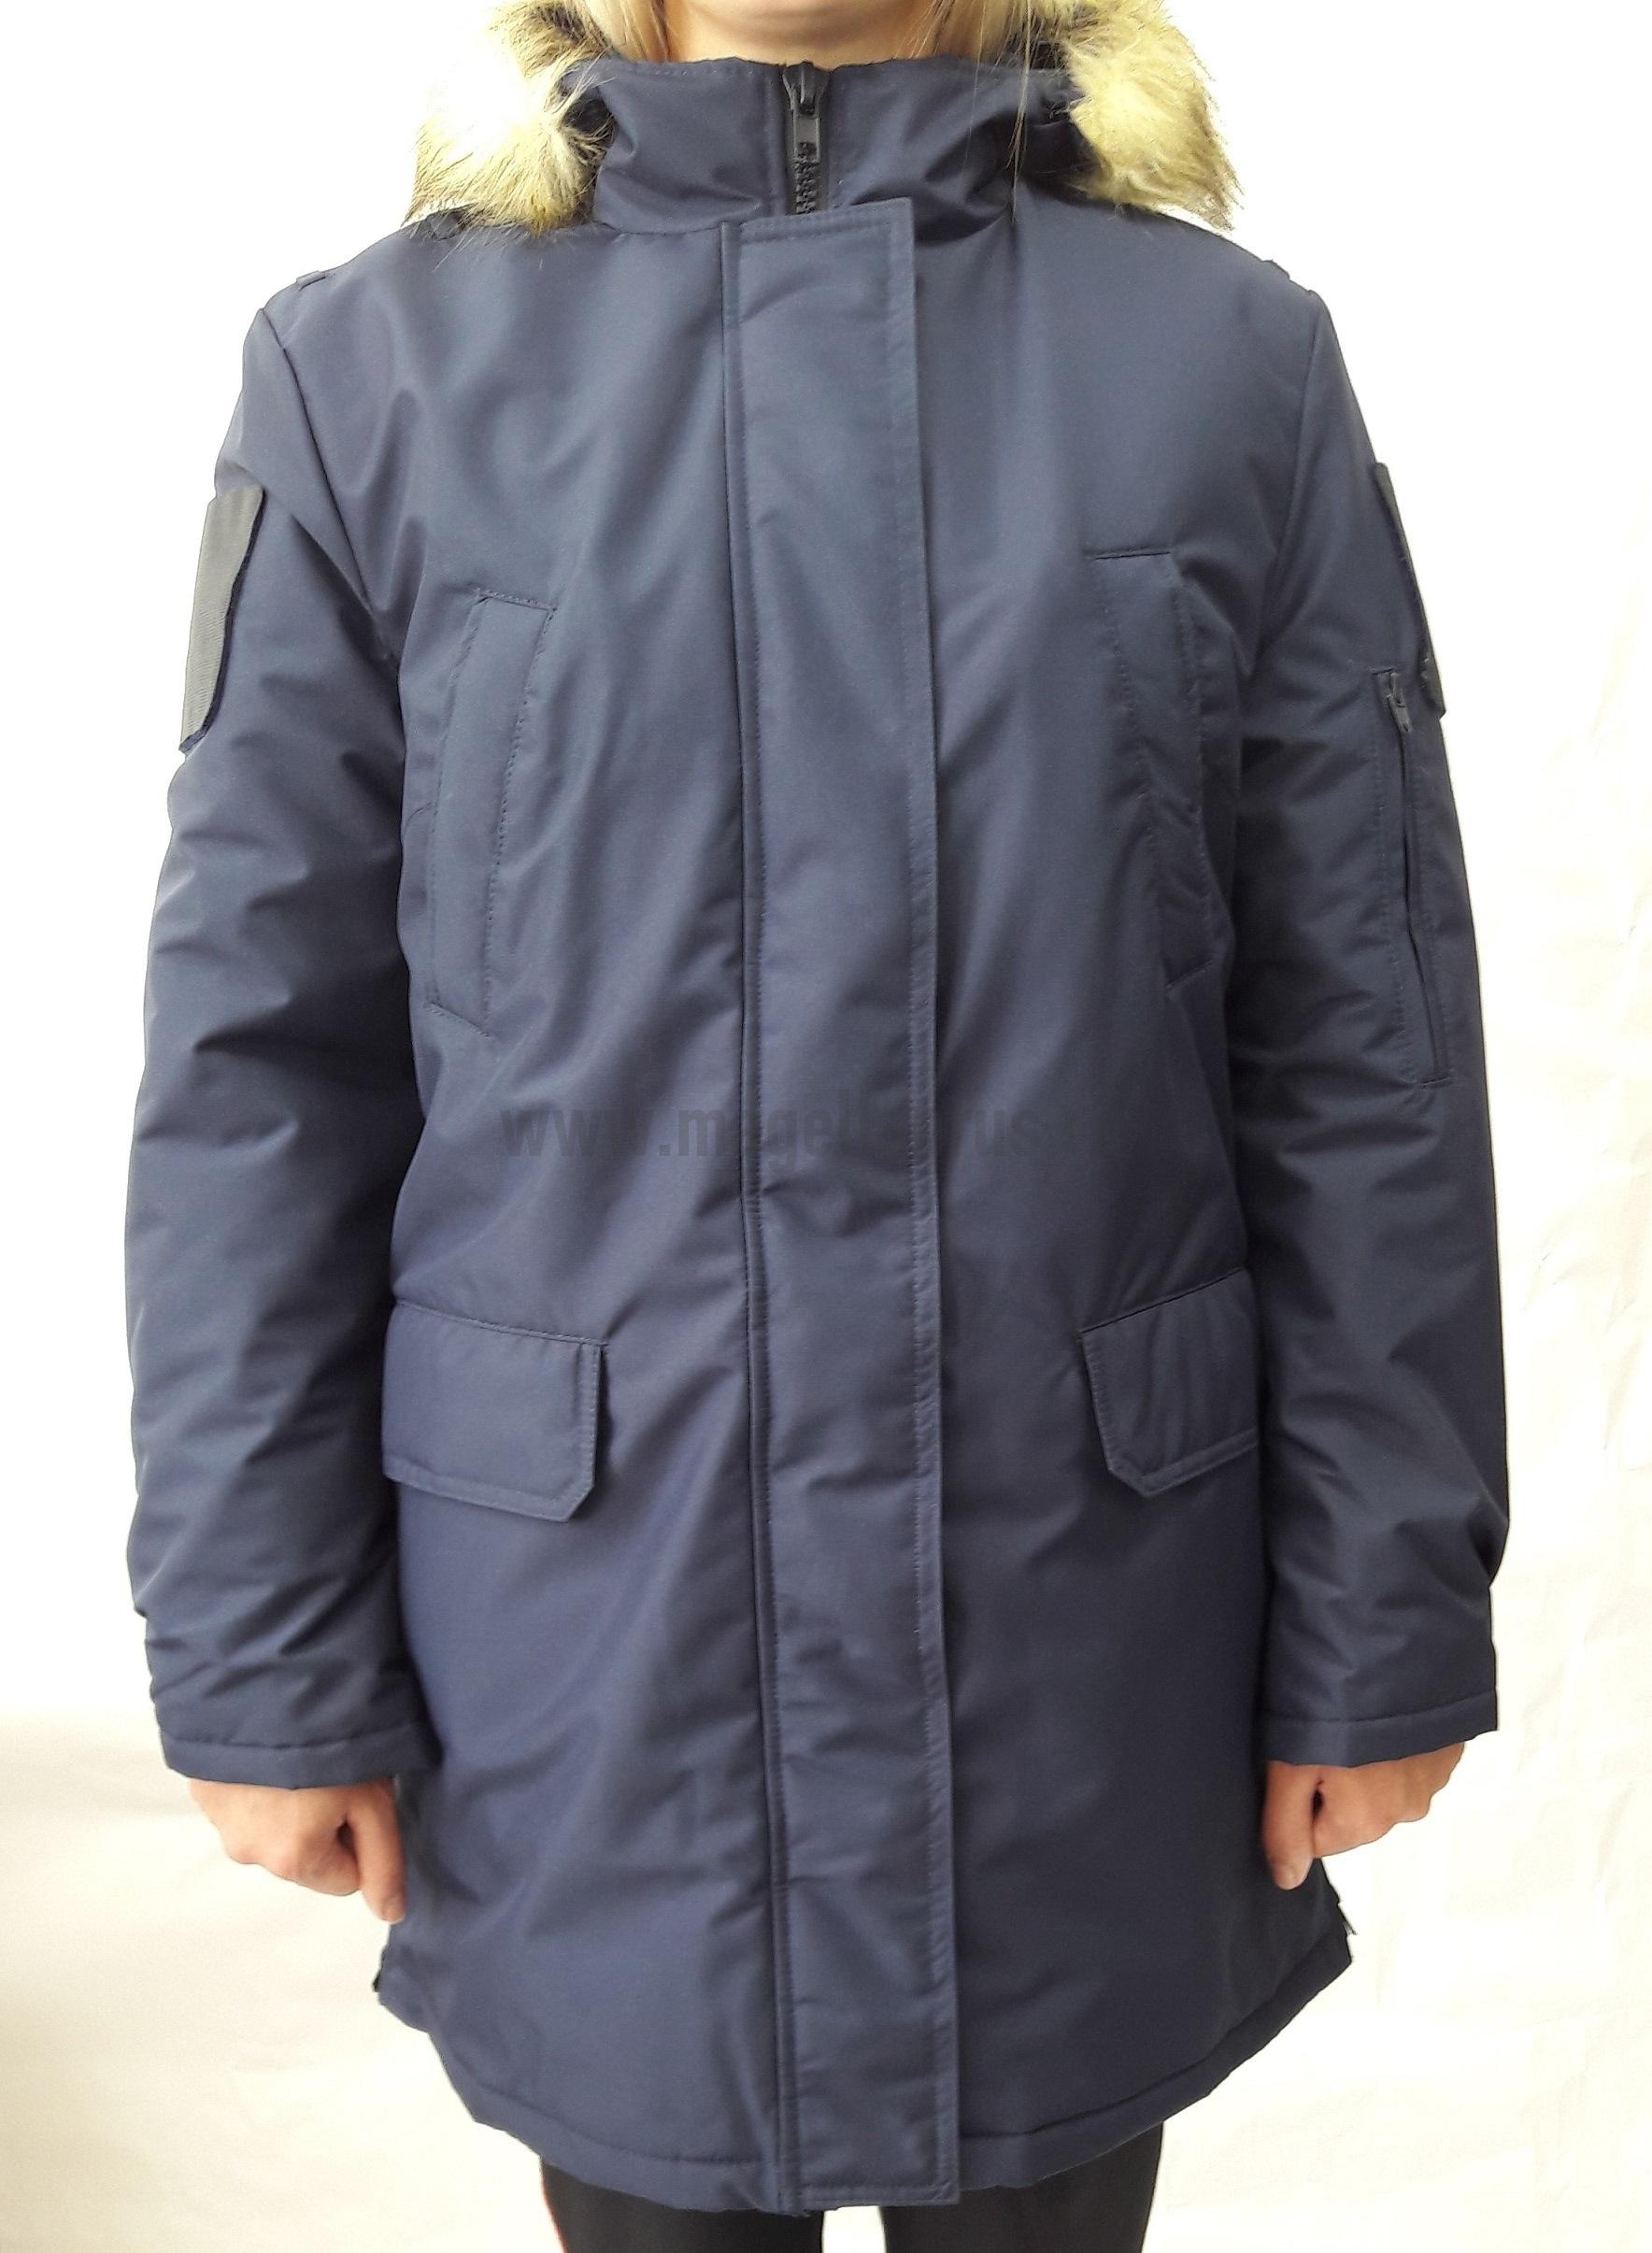 Куртка женская всесезонная МПА-82 (ткань рип-стоп мембрана) синяя - артикул: 520060331